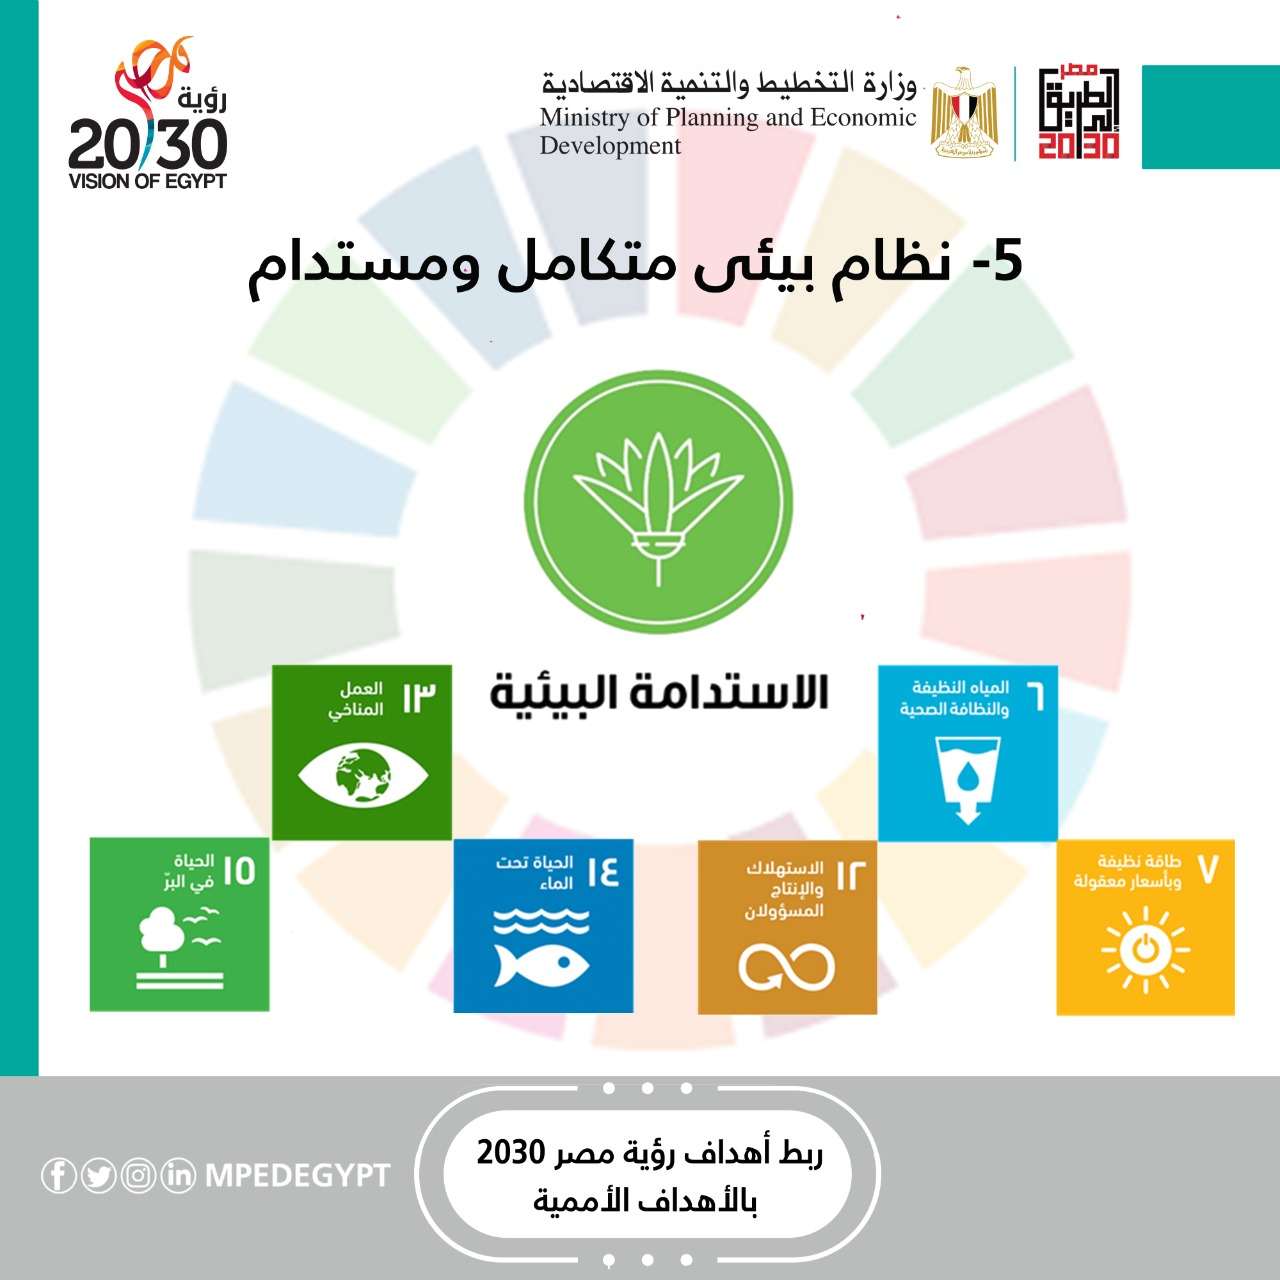 نظام بيئى متكامل ومستدام